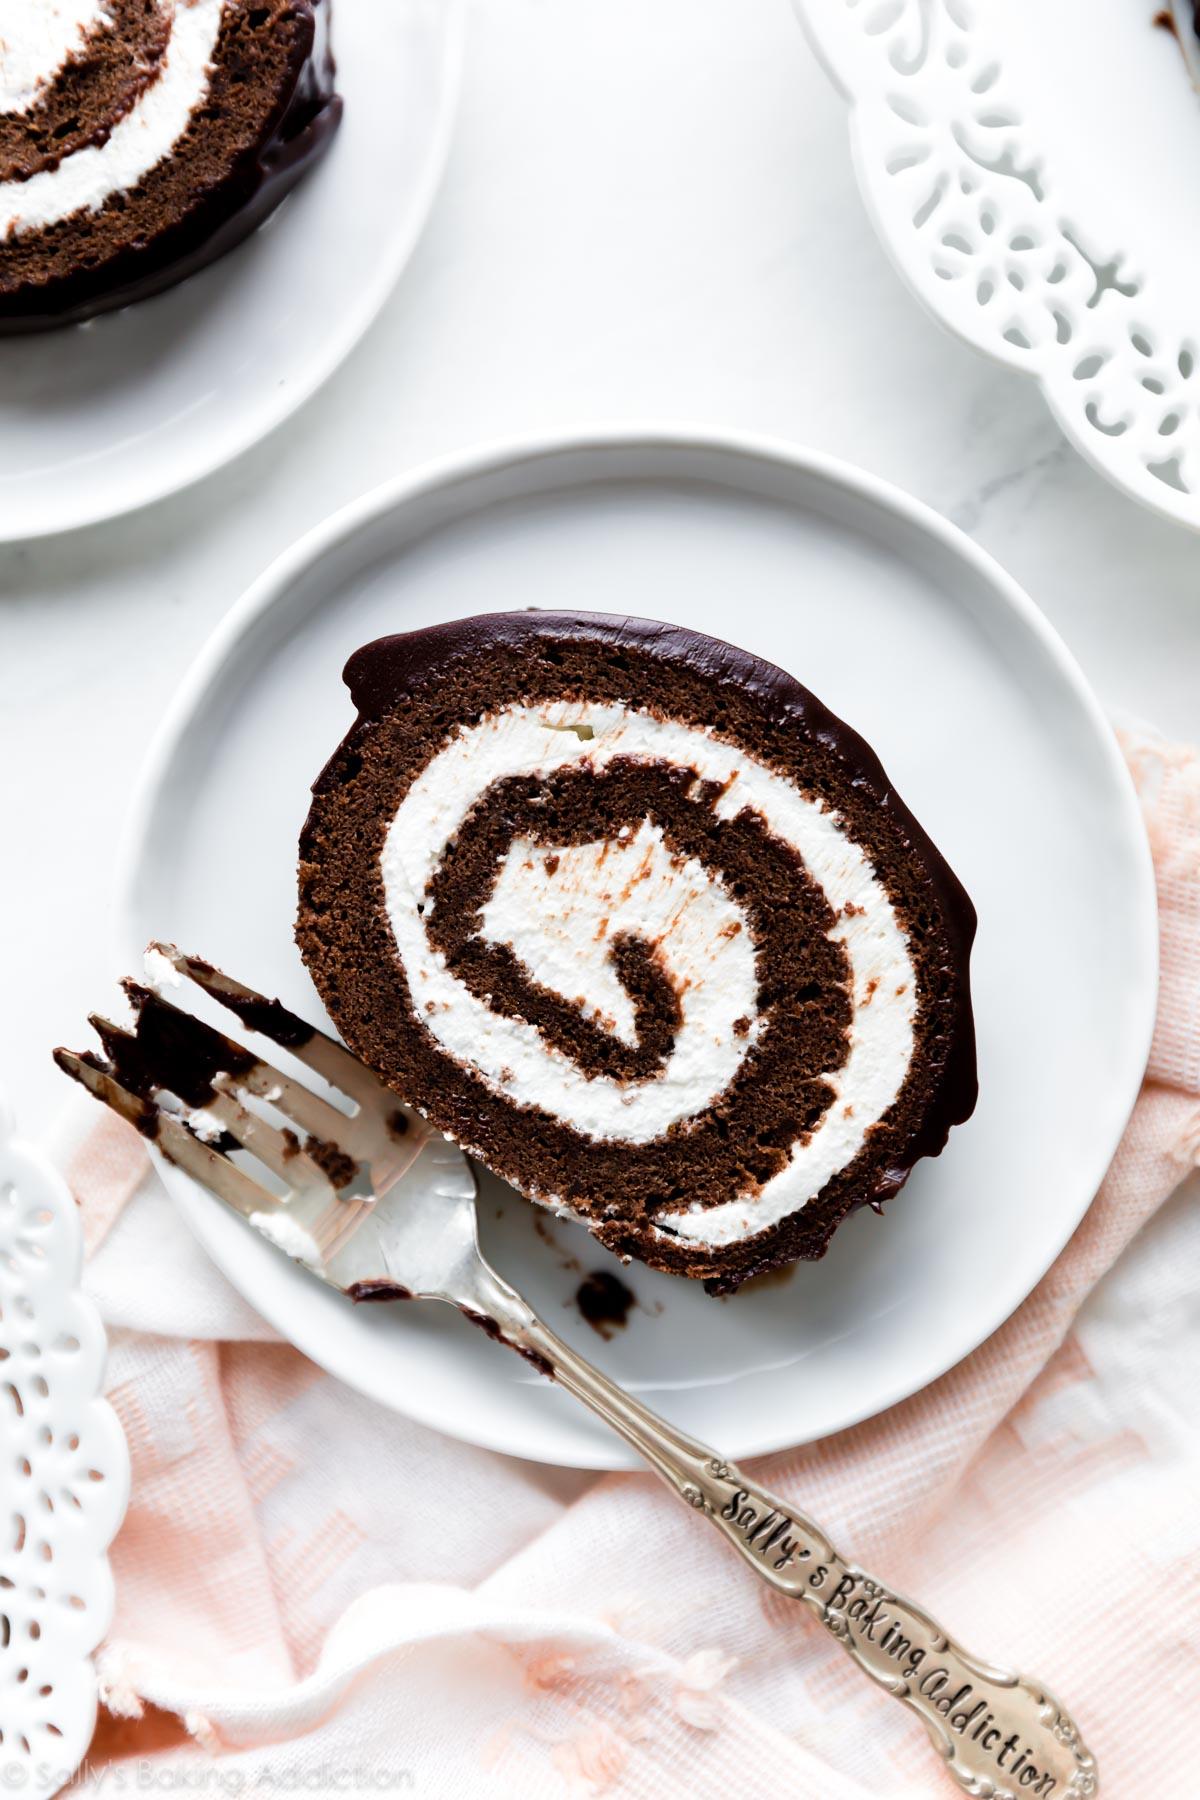 Gâteau au chocolat suisse sur plaque blanche